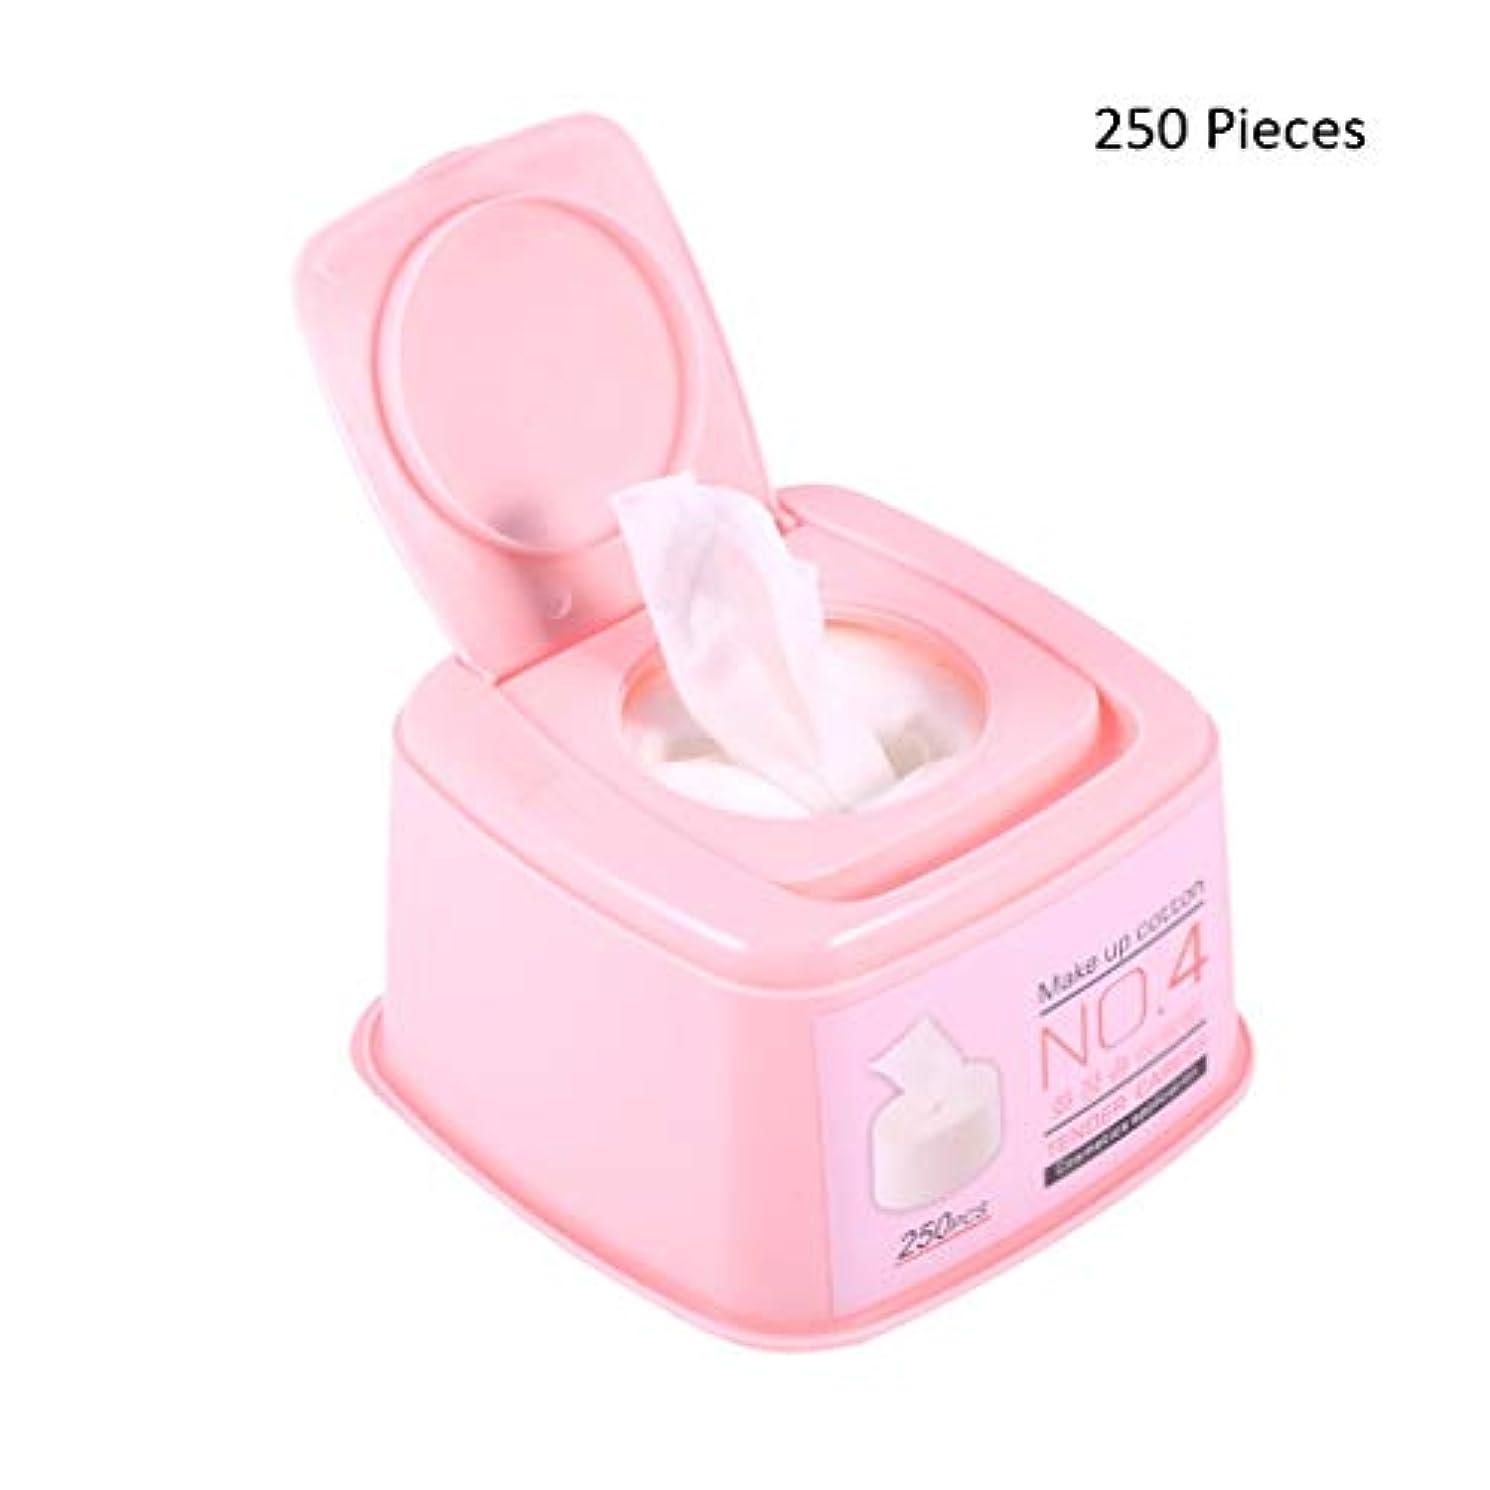 広まった寛容な出身地250ピース/ボックスフェイスメイクリムーバーパッドメイクアップコットンワイプディープフェイシャルアイクレンジングスキンケアフェイスウォッシュ化粧品ツール (Color : Pink, サイズ : 11.5*11.5*7cm)